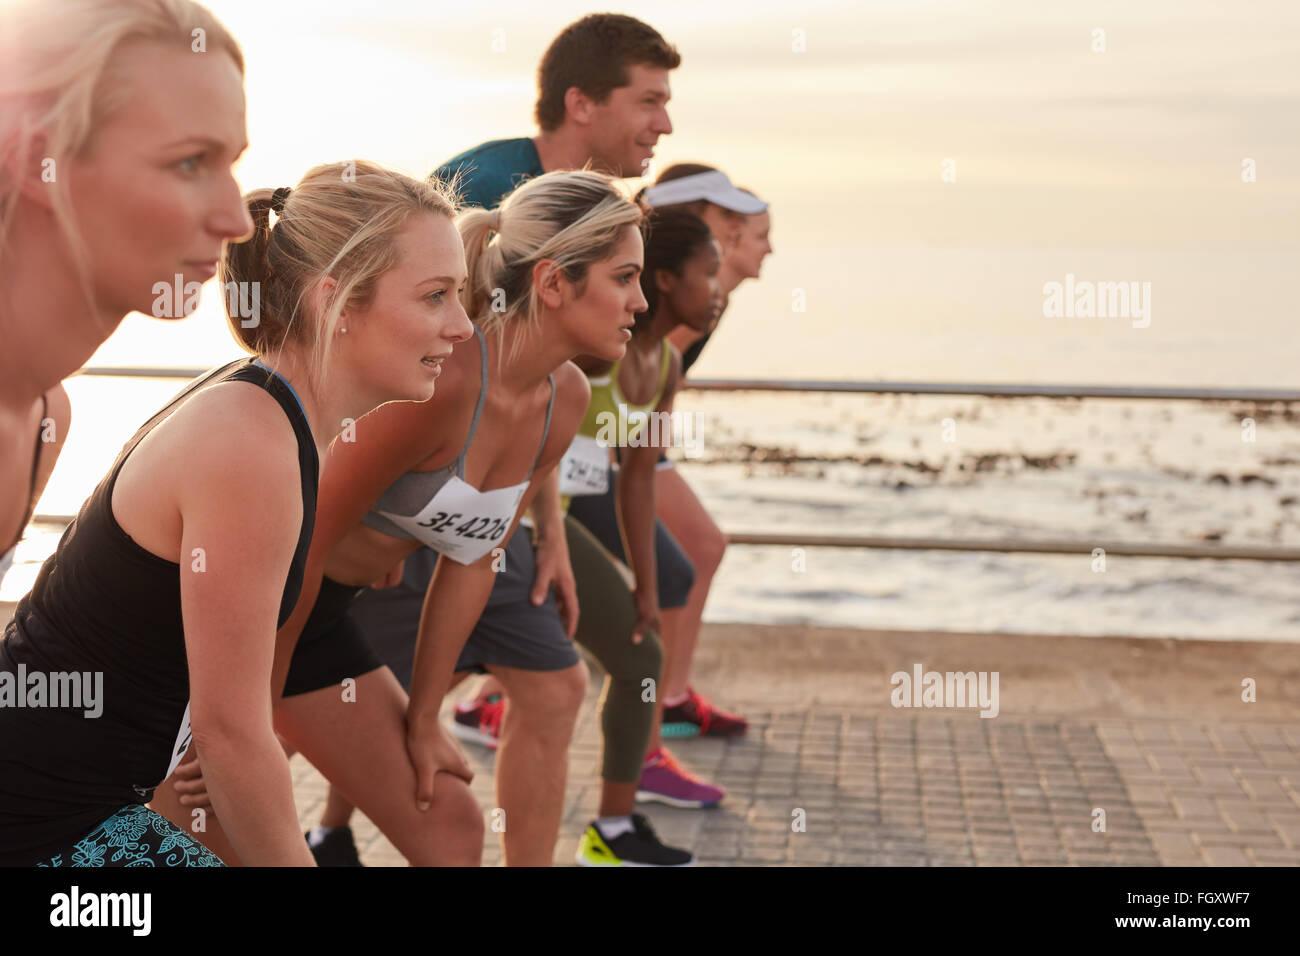 Läufer auf der Linie zu Beginn eines Rennens stehen. Gruppe von jungen Menschen eine Ausbildung für Marathon Stockbild